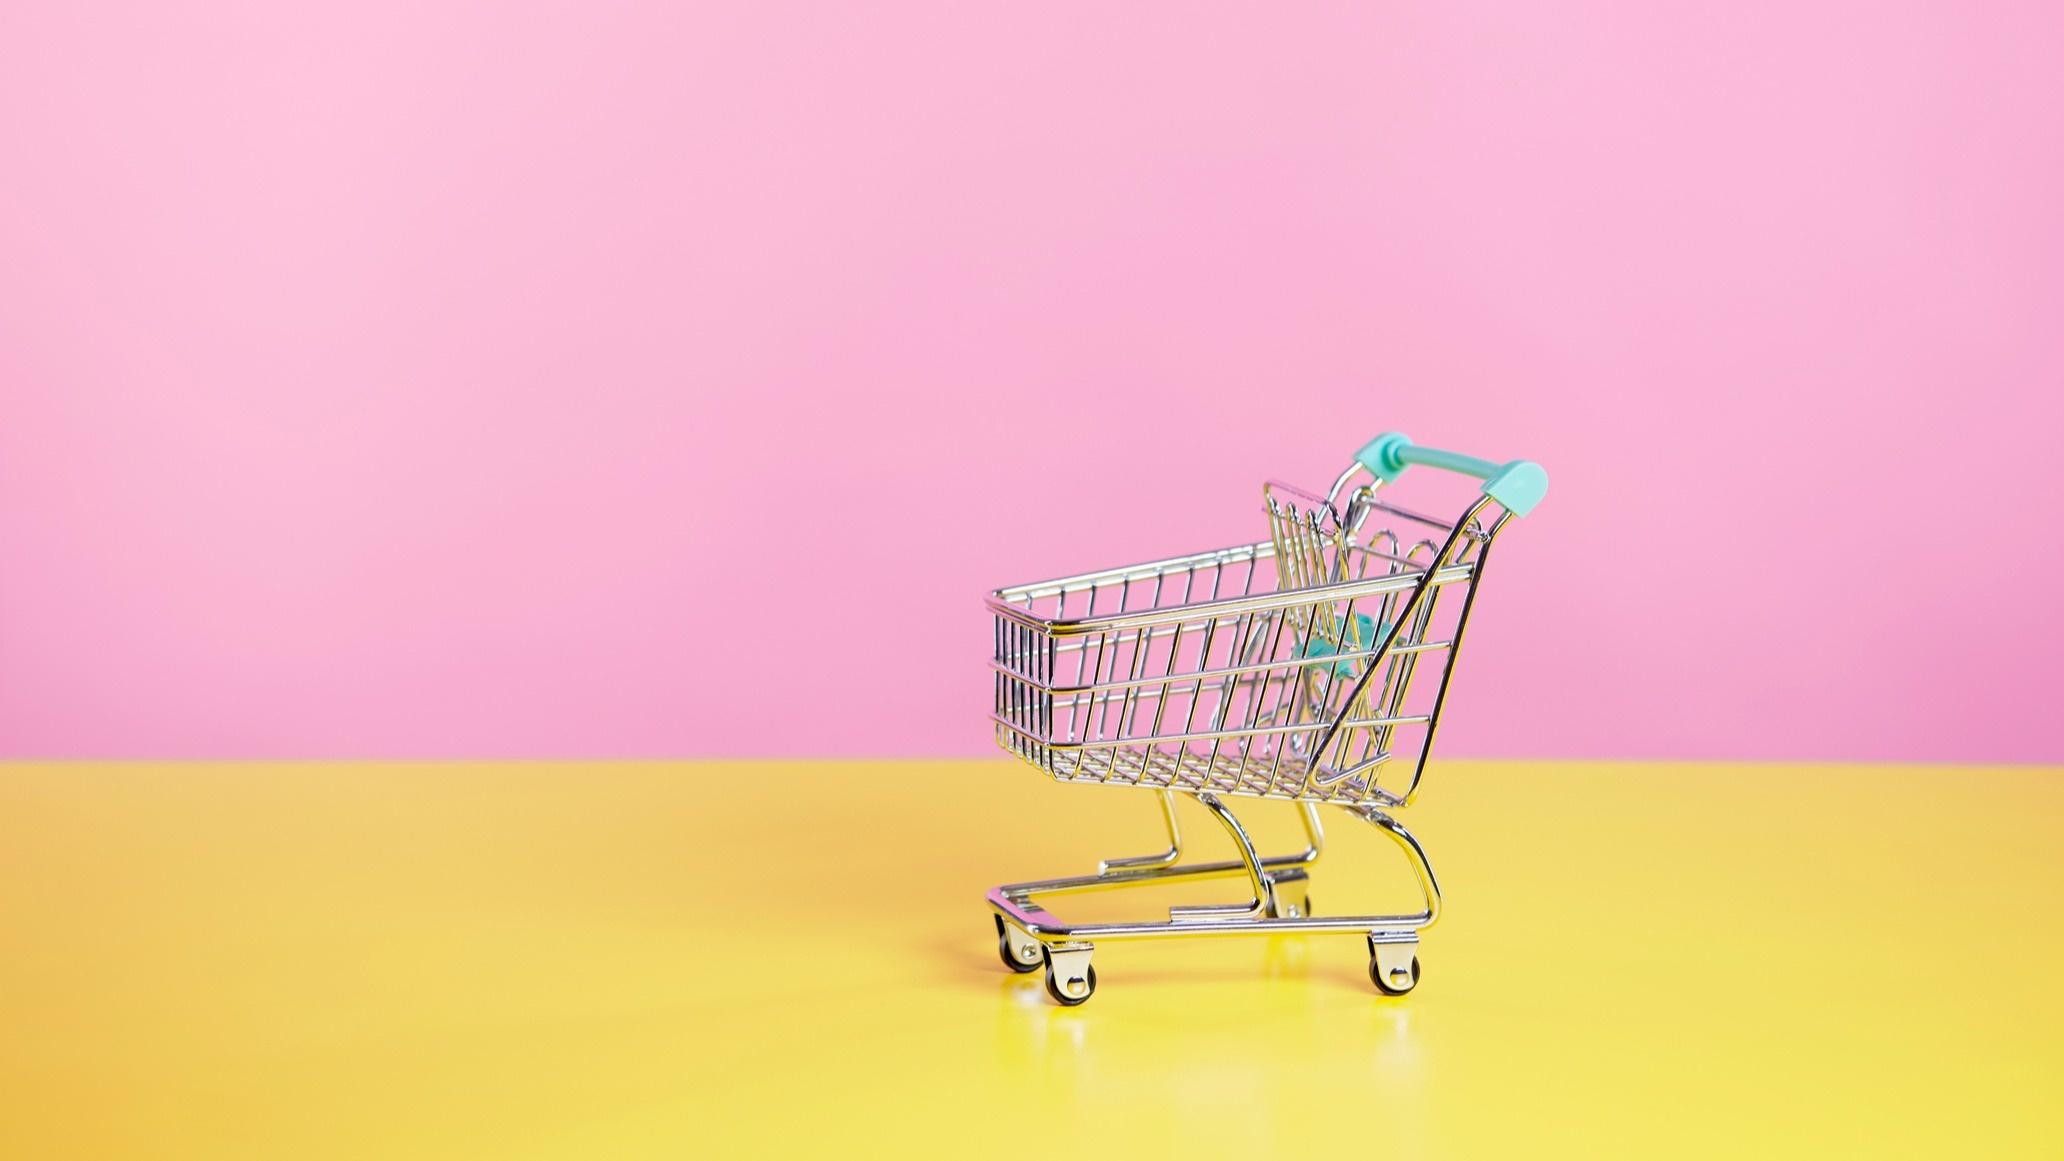 Como transformar meu negócio físico em um e-commerce